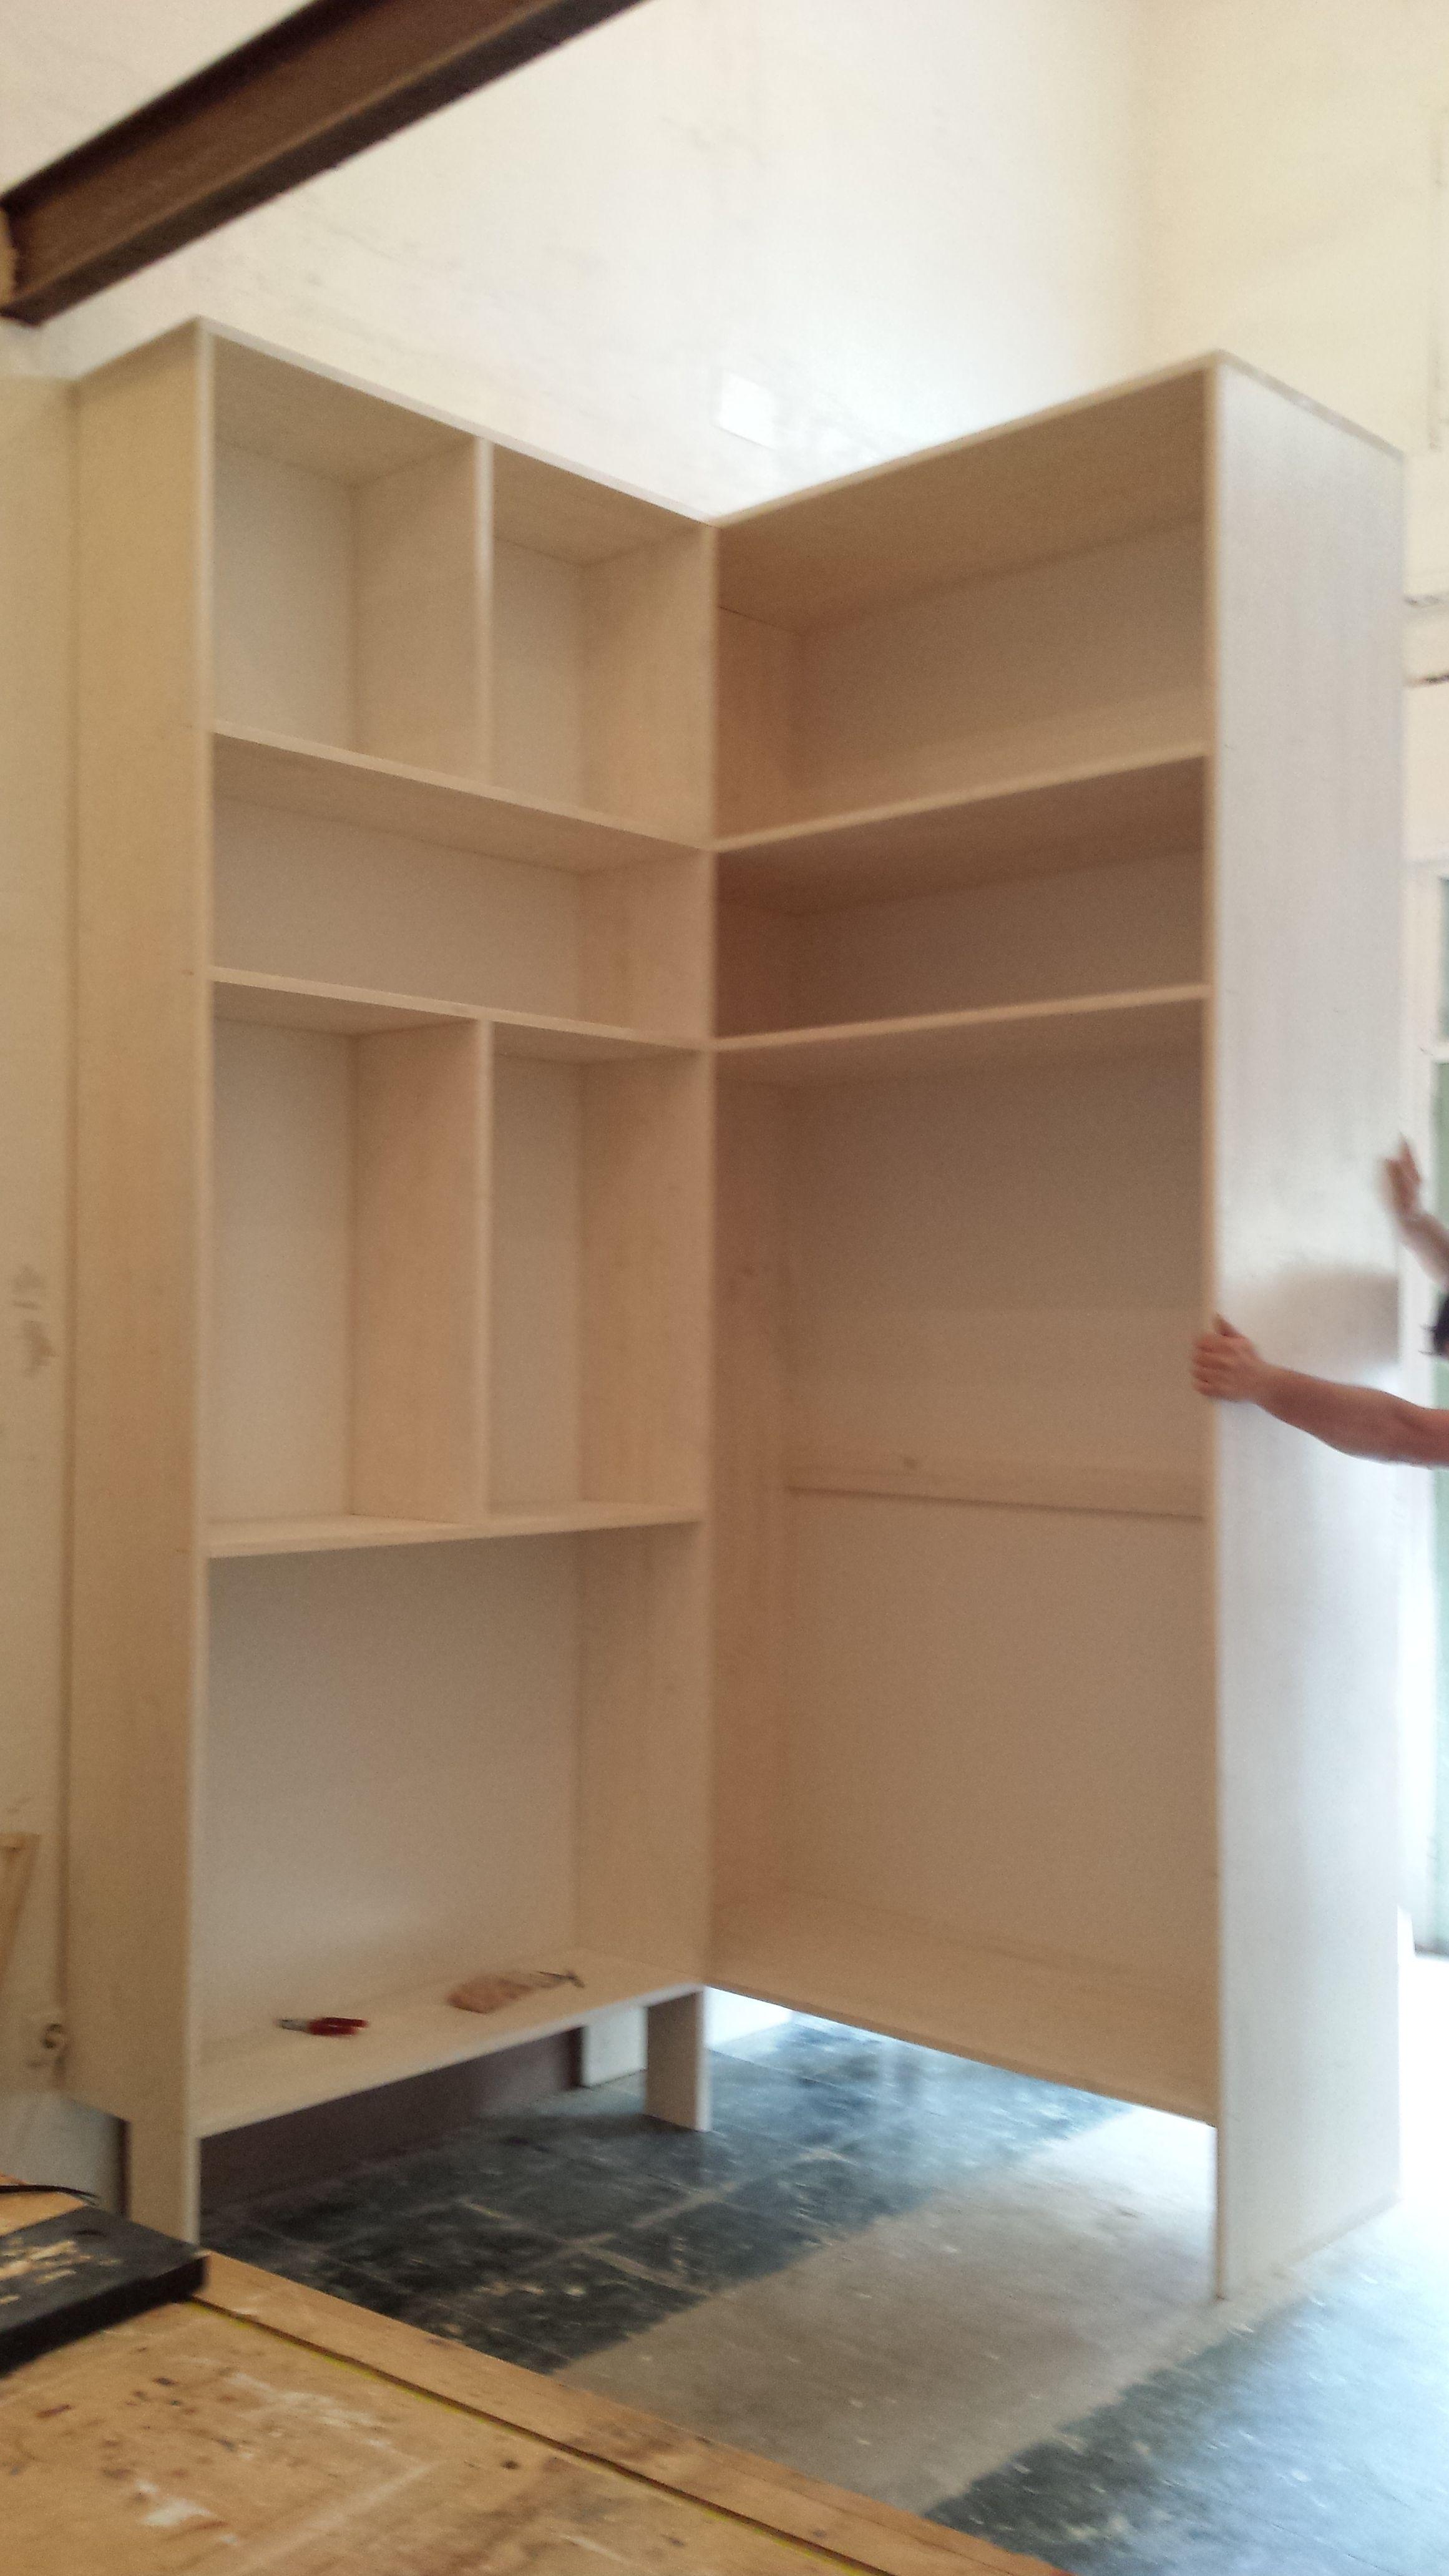 Muebles de dormitorio a medida en el Eixample